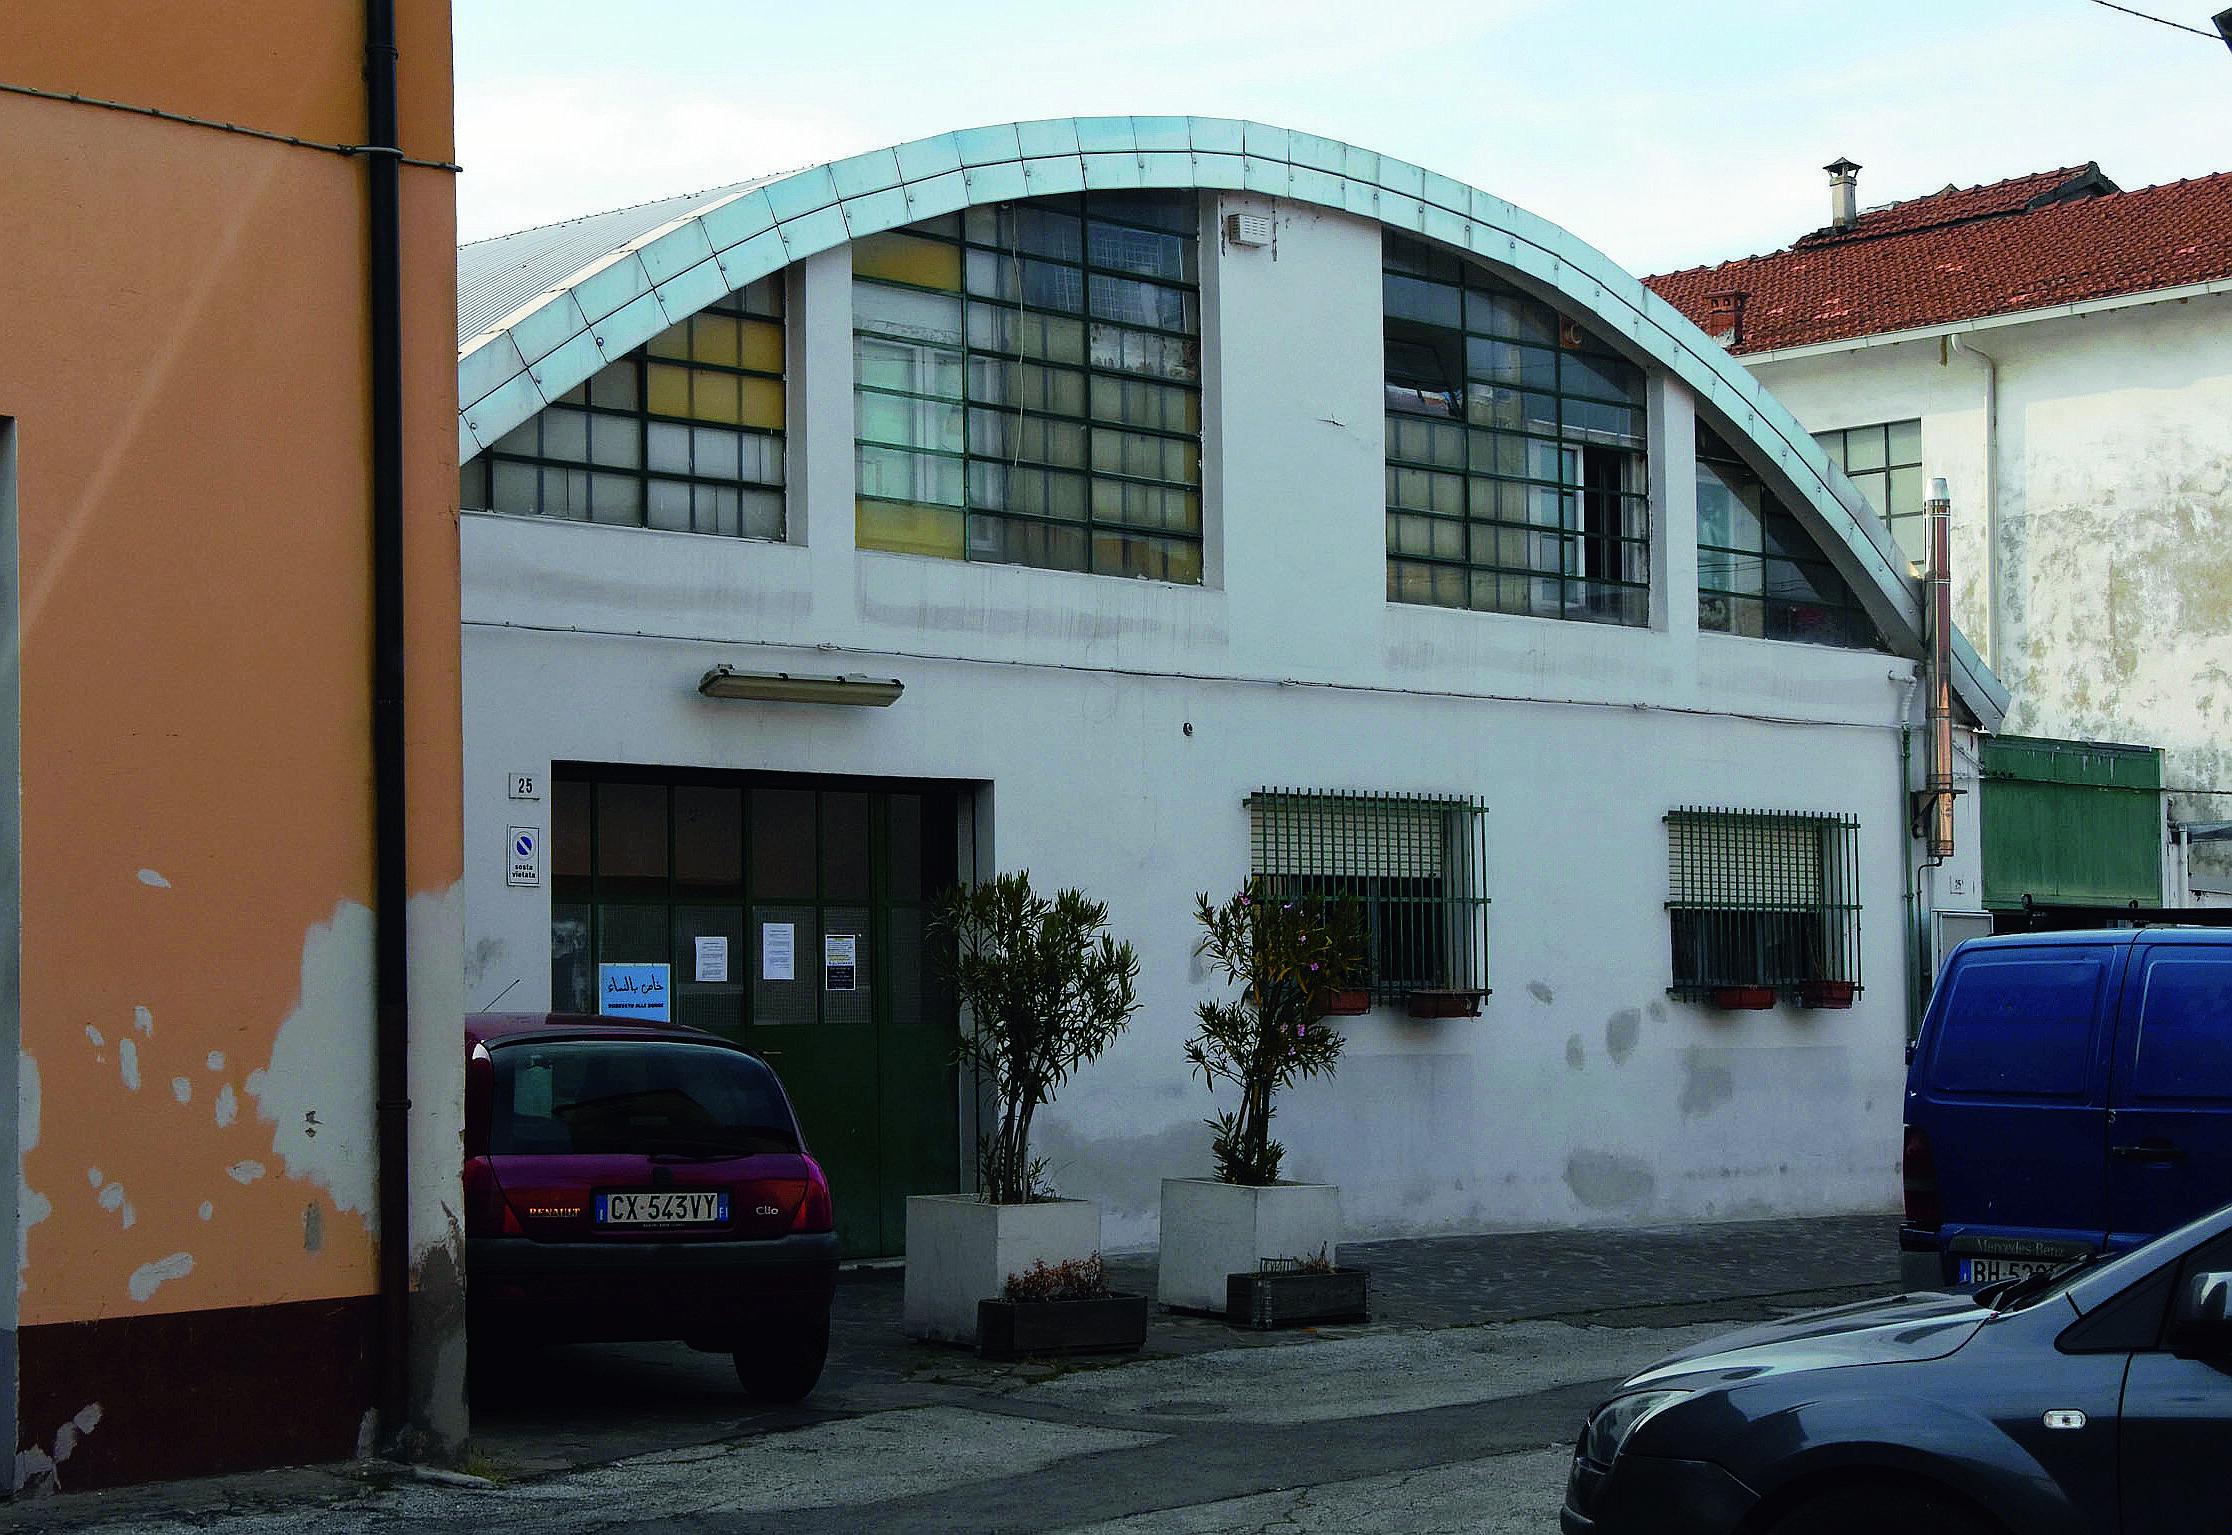 Sequestro della moschea a Forlì, chieste ulteriori indagini